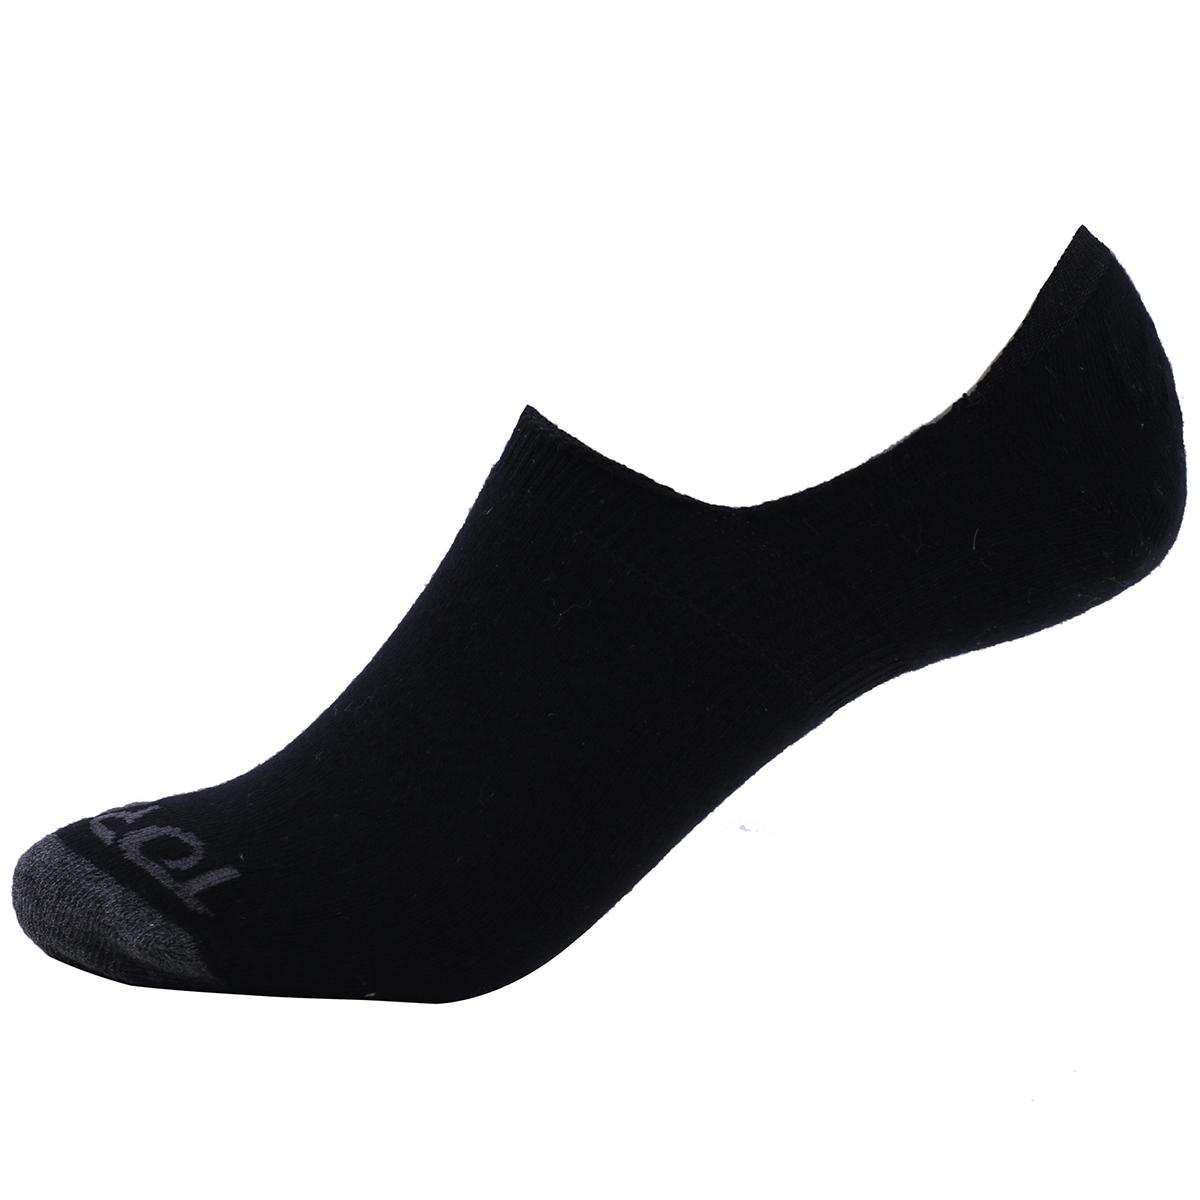 探路者袜子 19春夏户外女款银离子袜子套装TELH82829